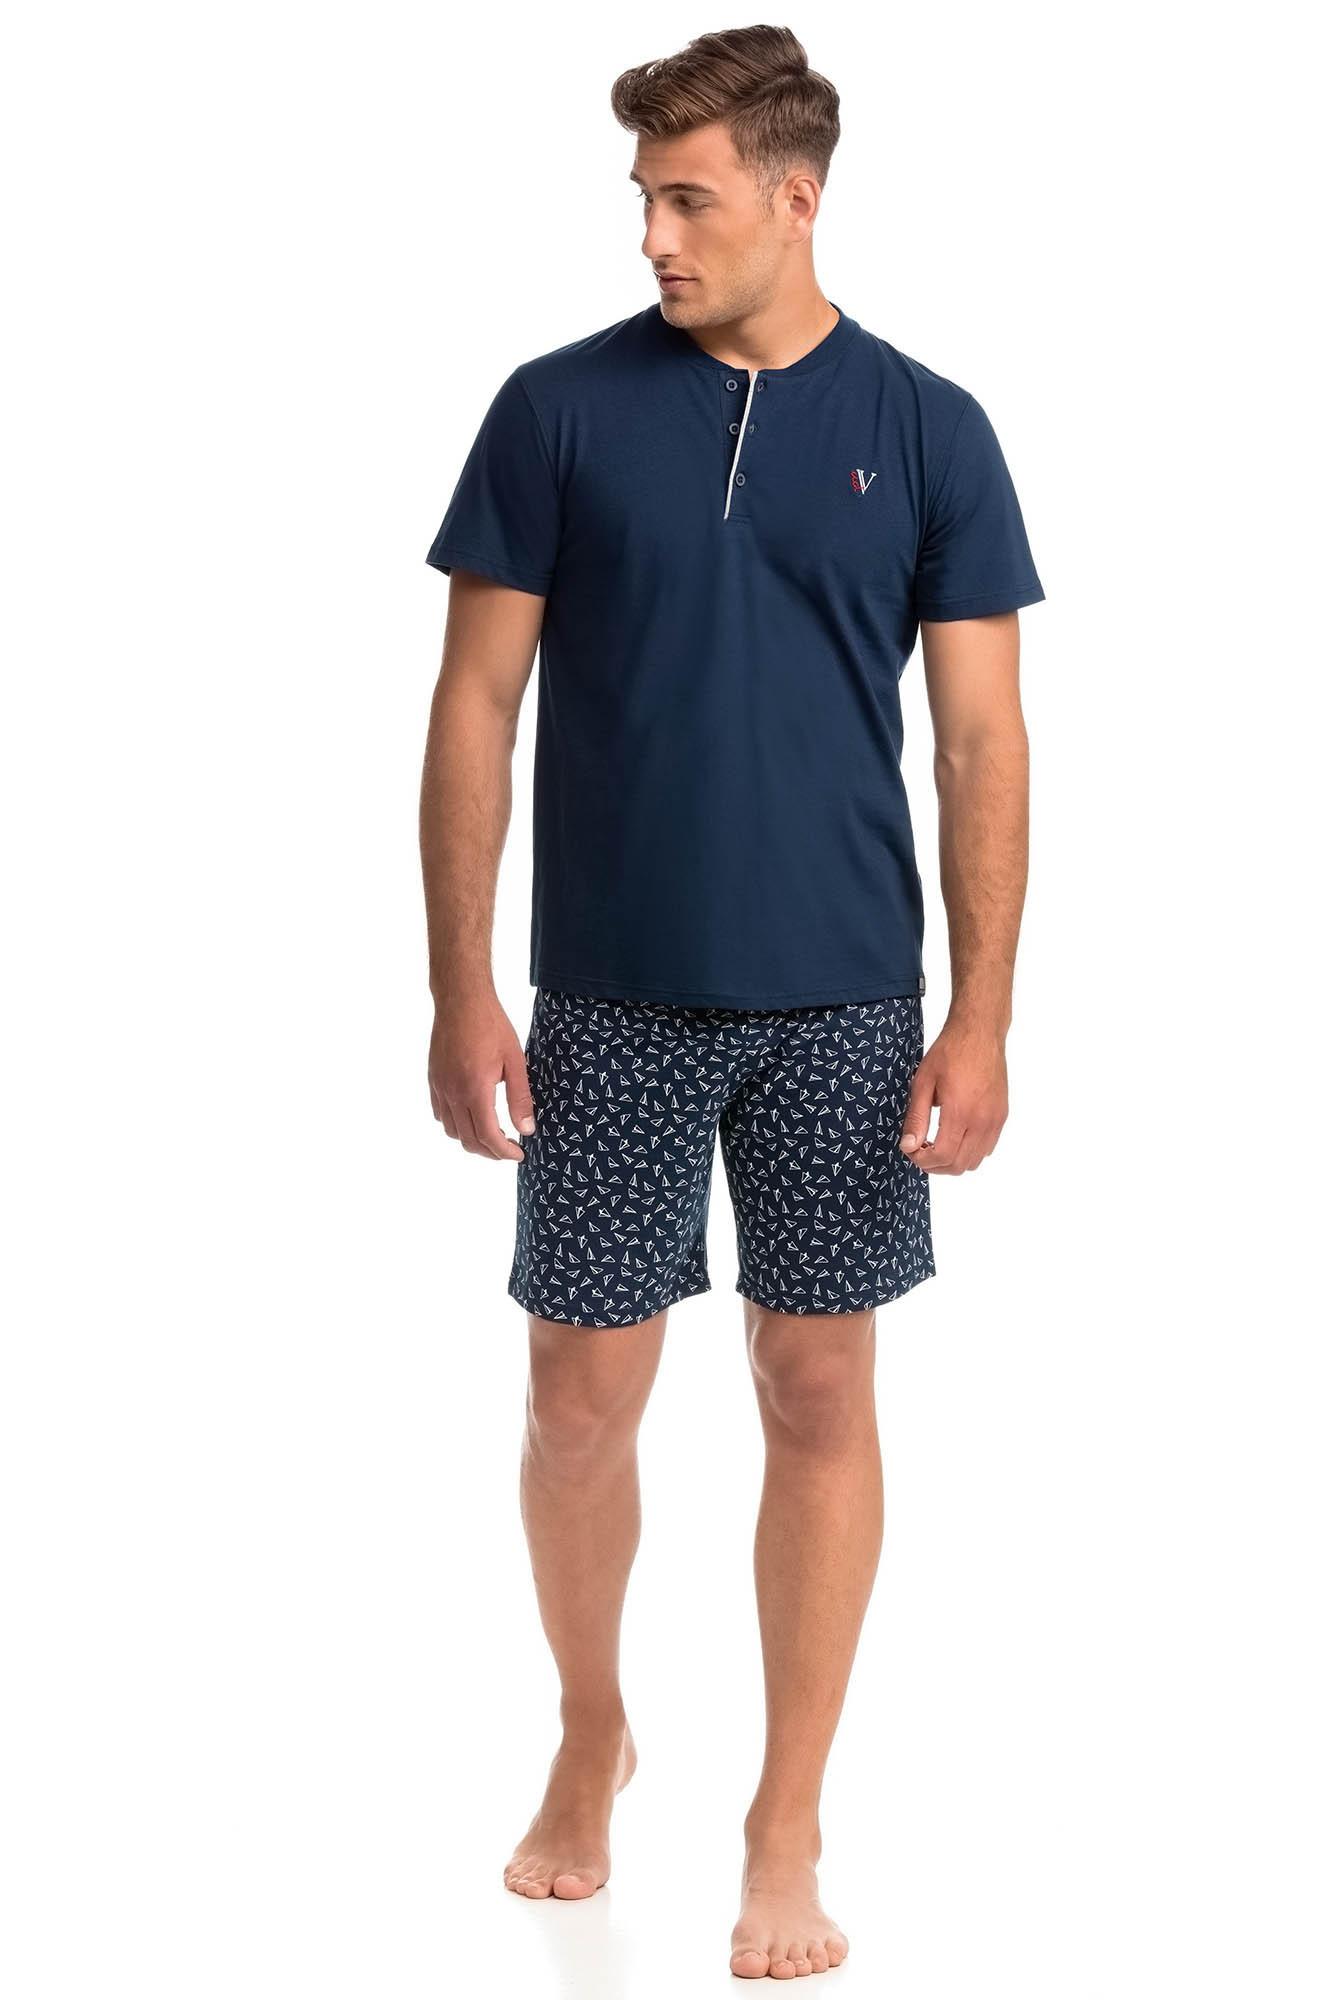 Vamp - Pohodlné dvojdielne pánske pyžamo 14746 - Vamp blue oxford xl